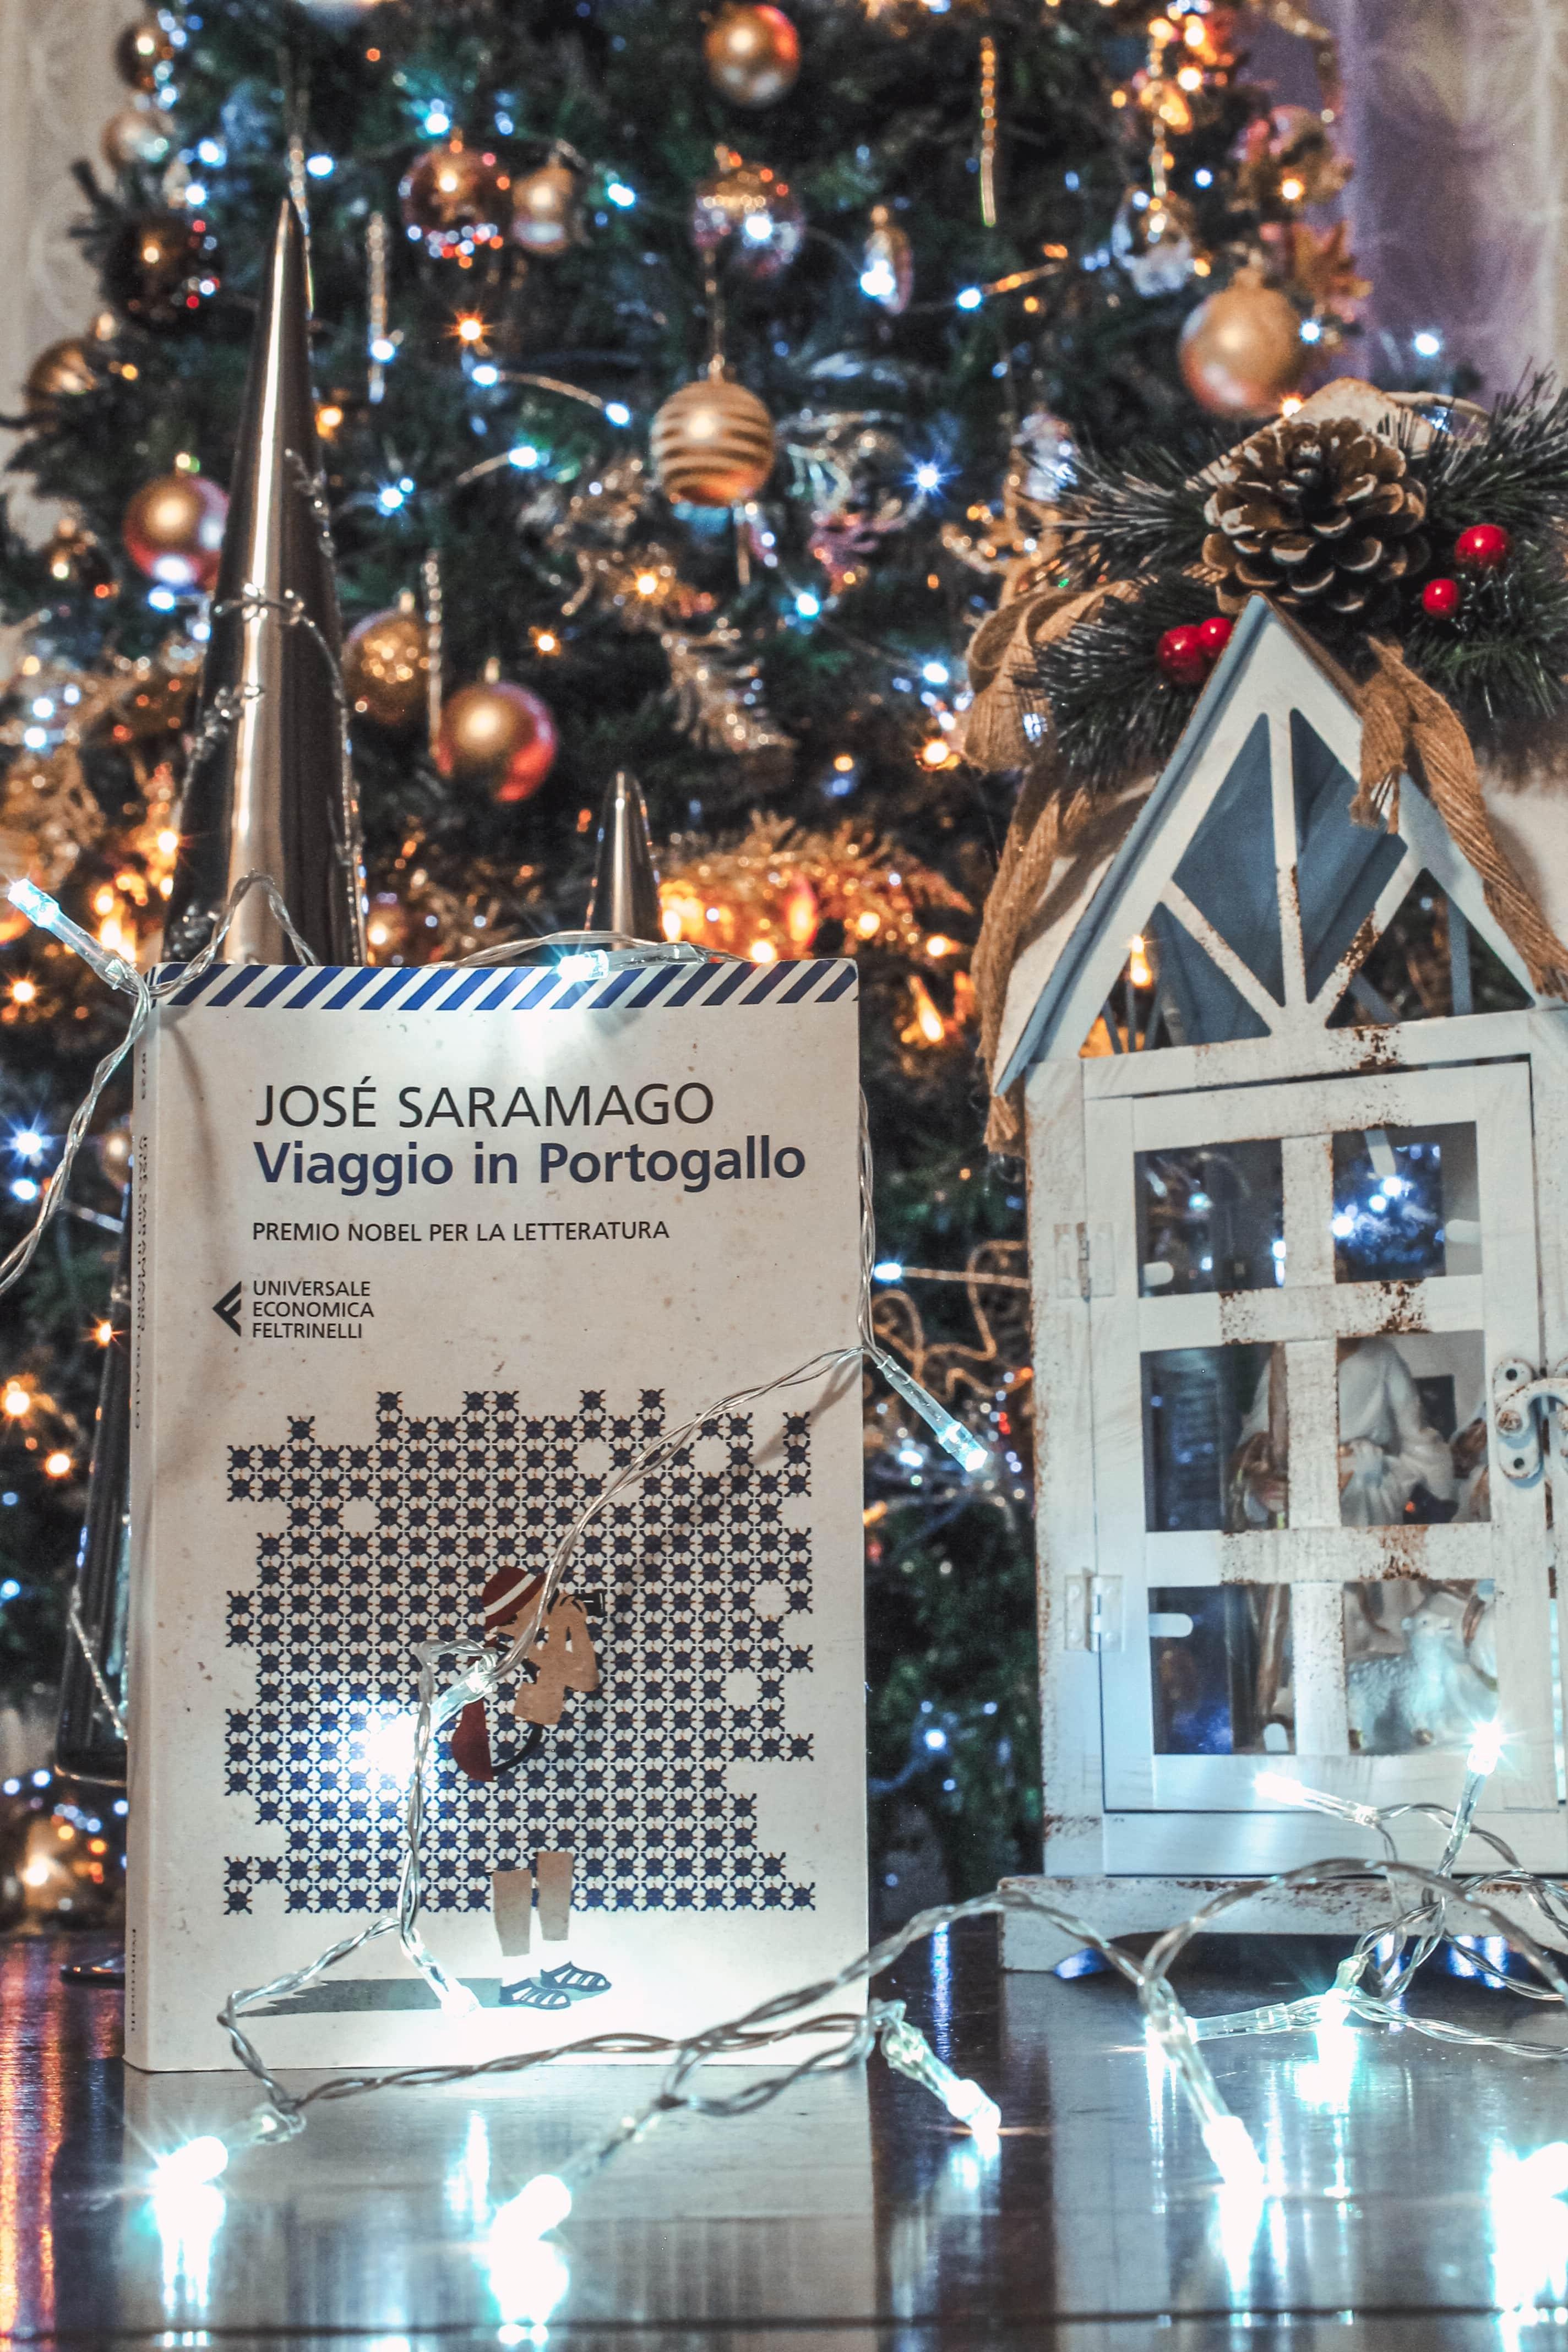 José Saramago - Viaggio in Portogallo